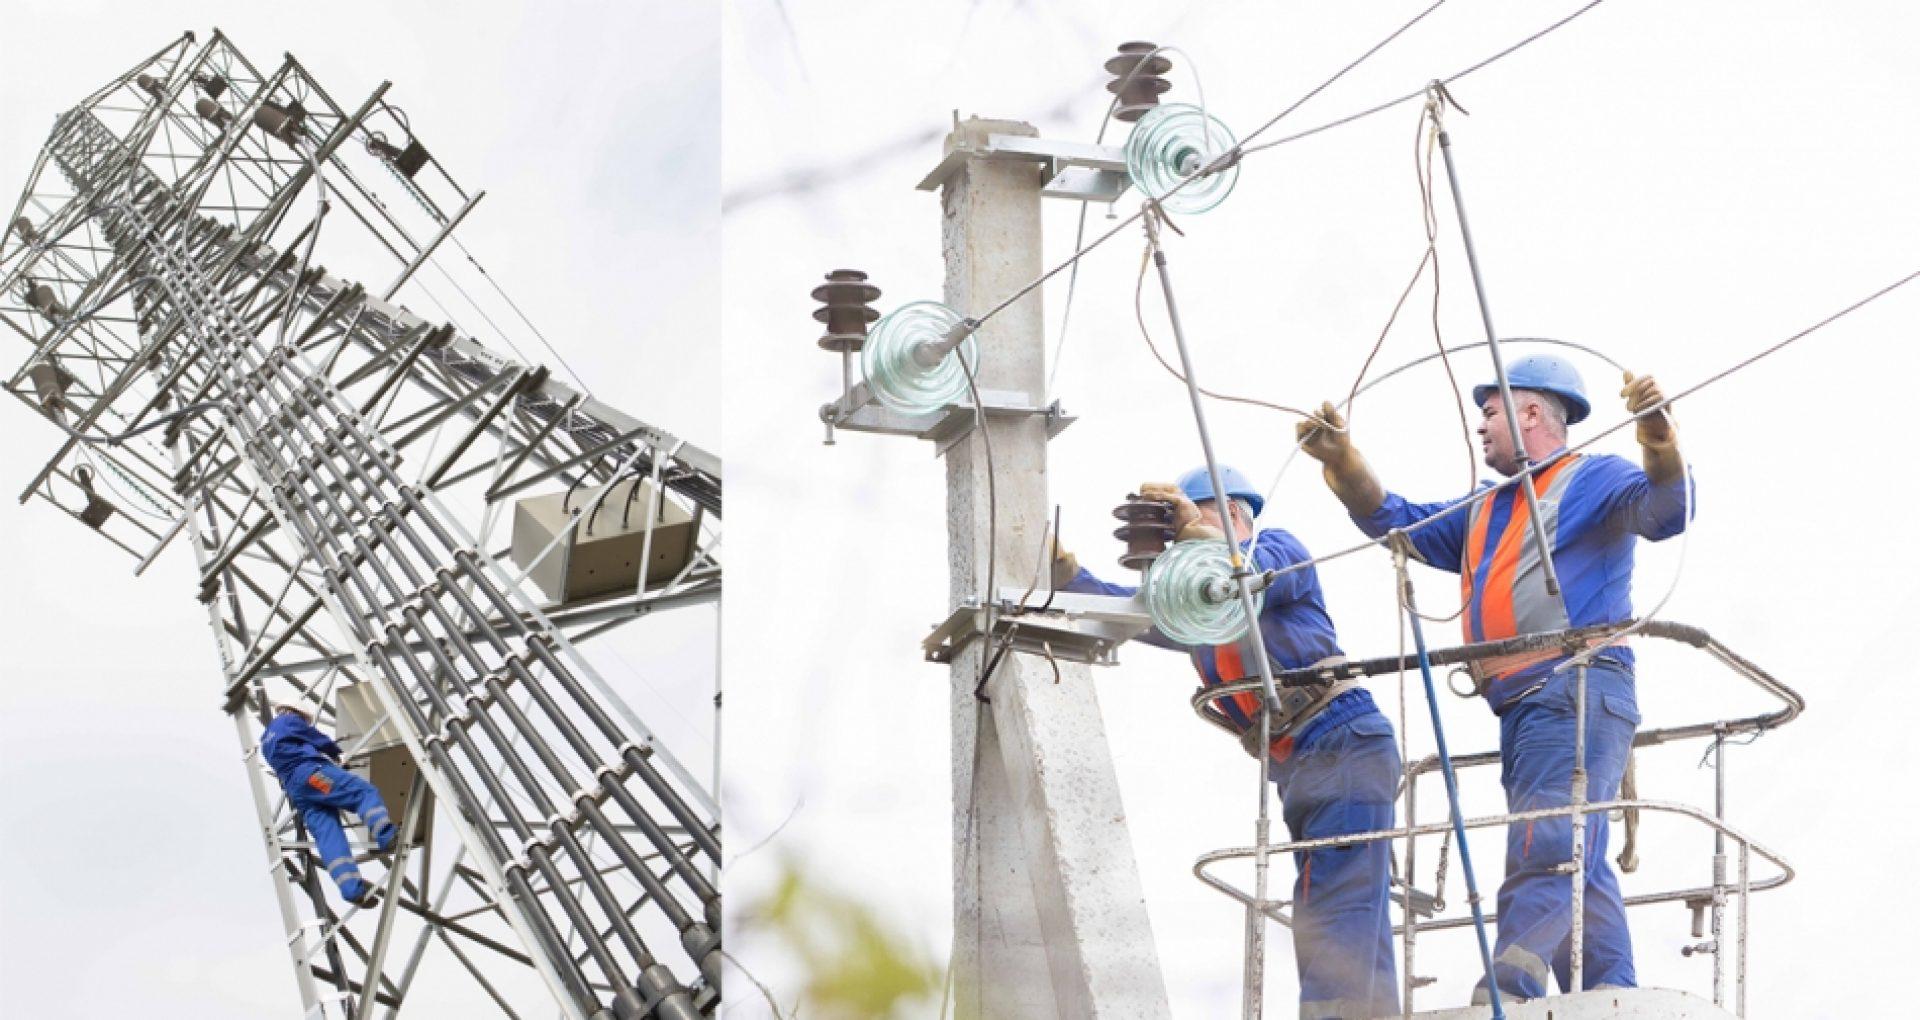 Primăria municipiului Chișinău anunță posibile deconectări ale energiei electrice pe anumite adrese din centrul Chișinăului. Când se preconizează